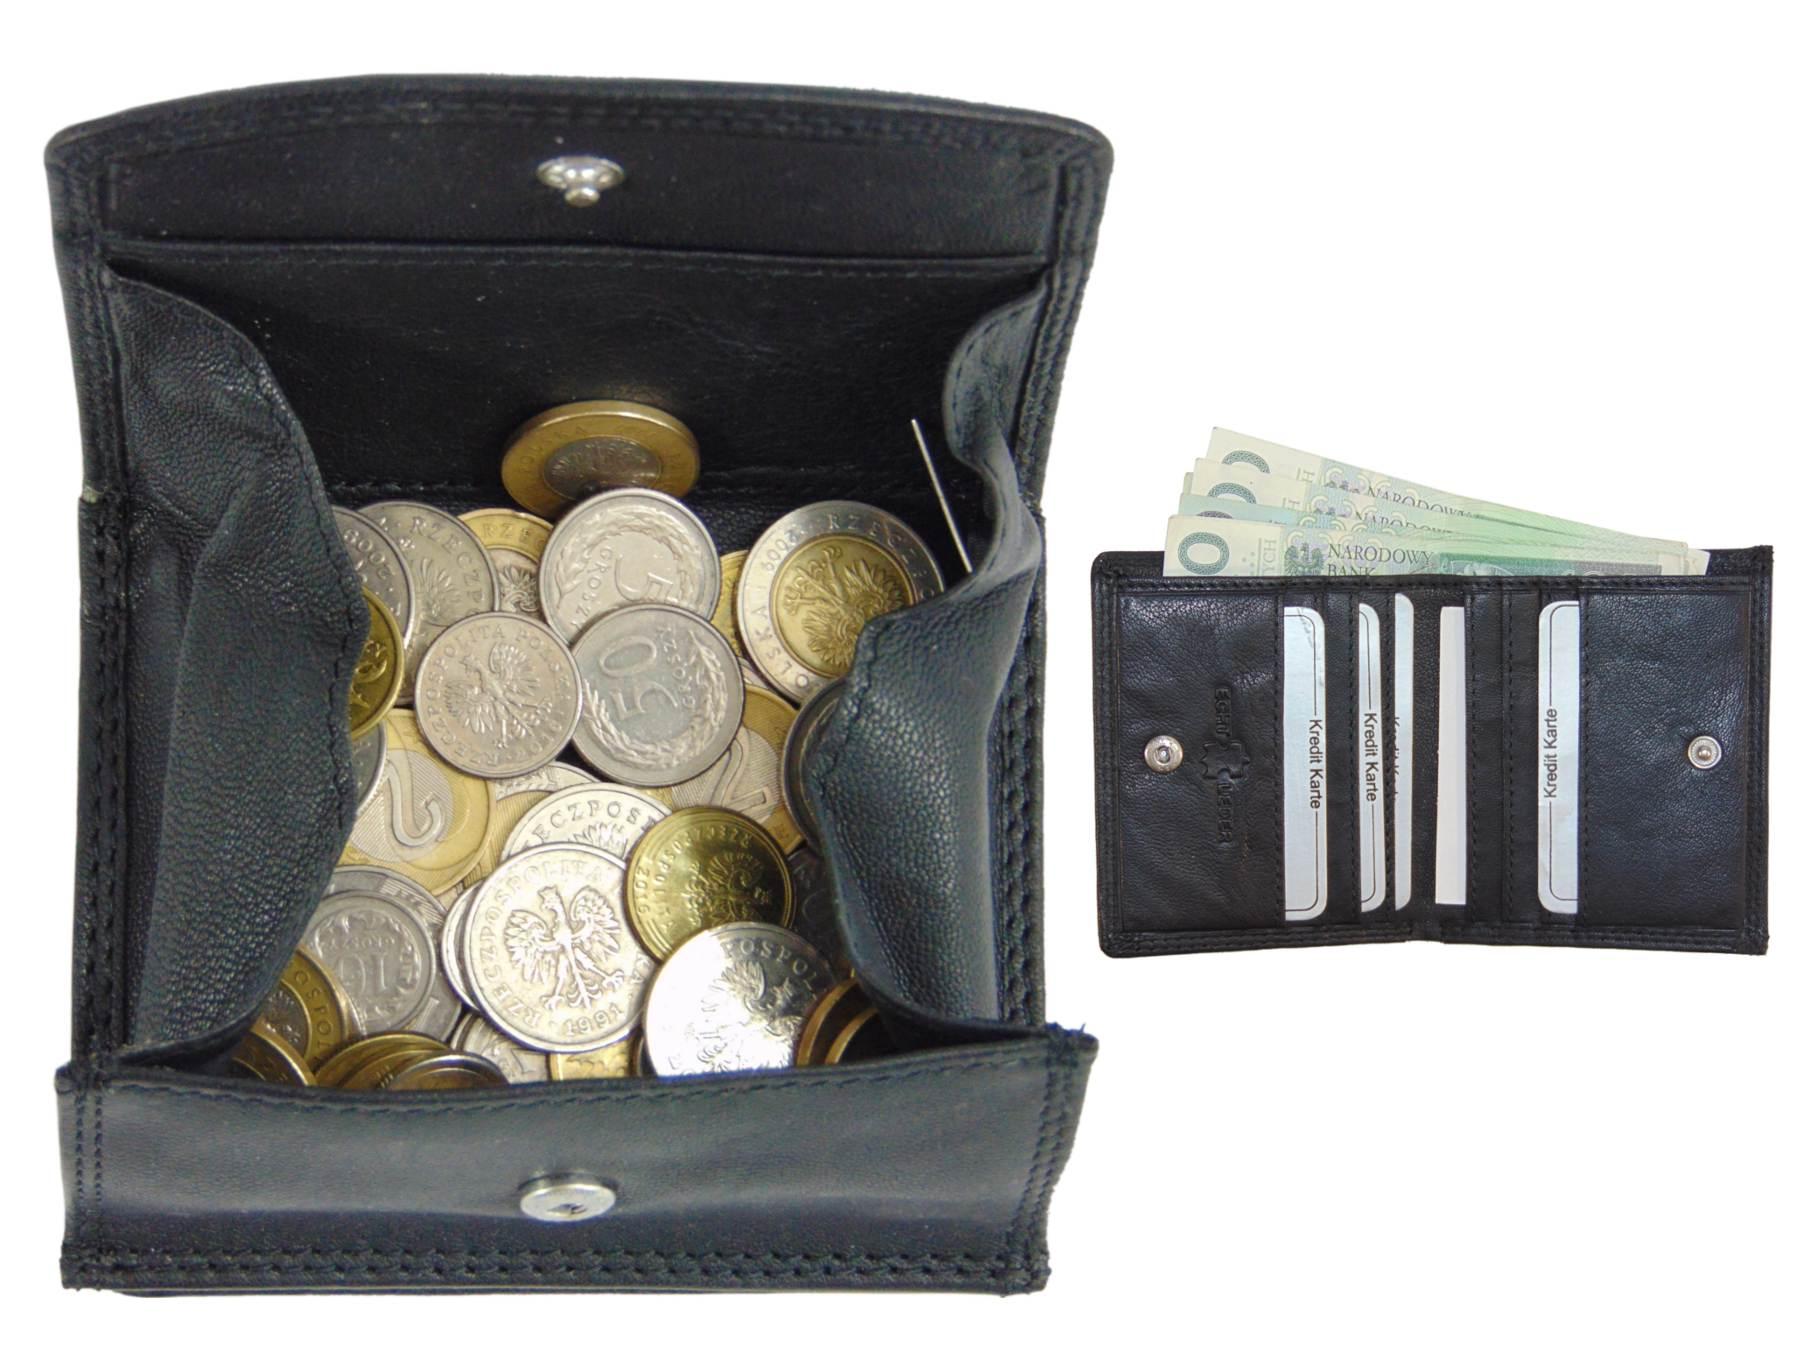 d74db726d6ae8 Skórzany portfel męski pudełkowa kieszeń na monety 7010729851 - Allegro.pl